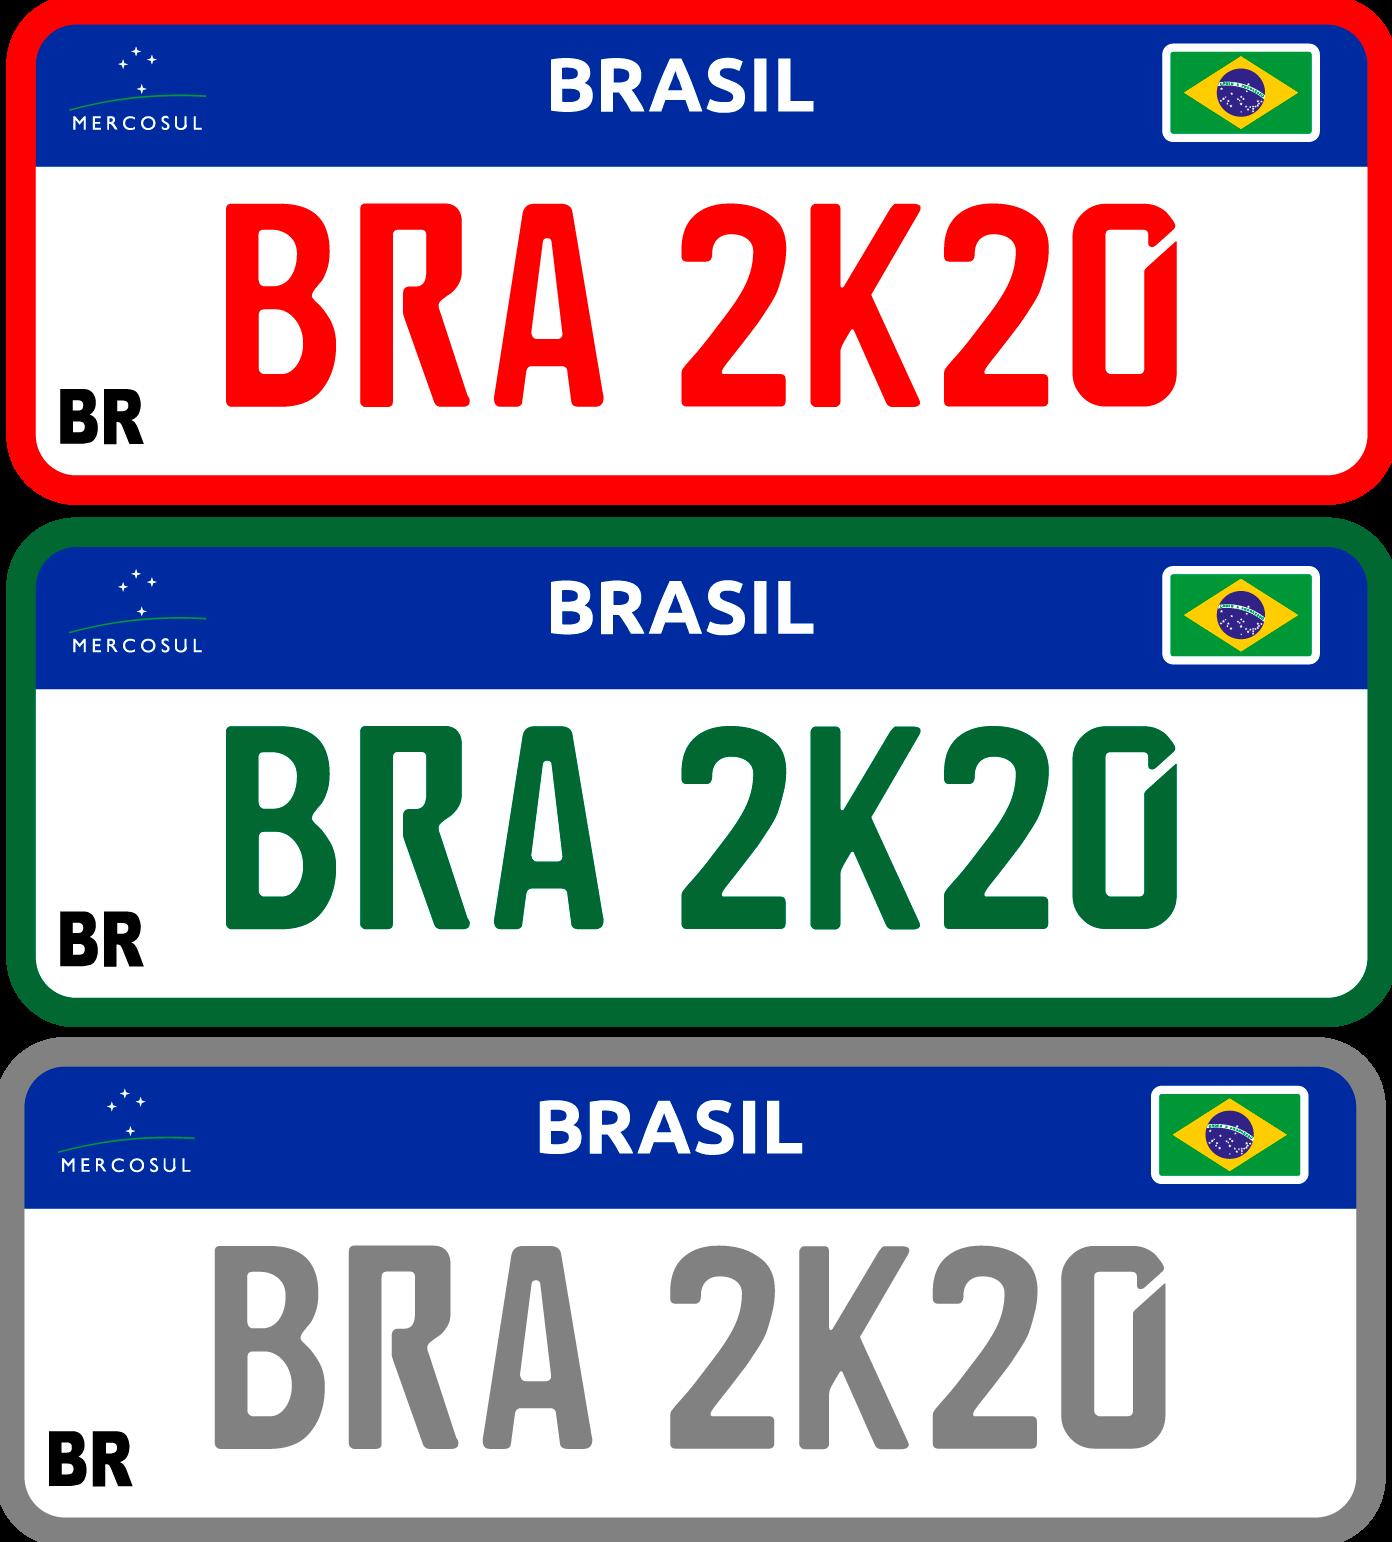 placa de carro dok despachante: placas